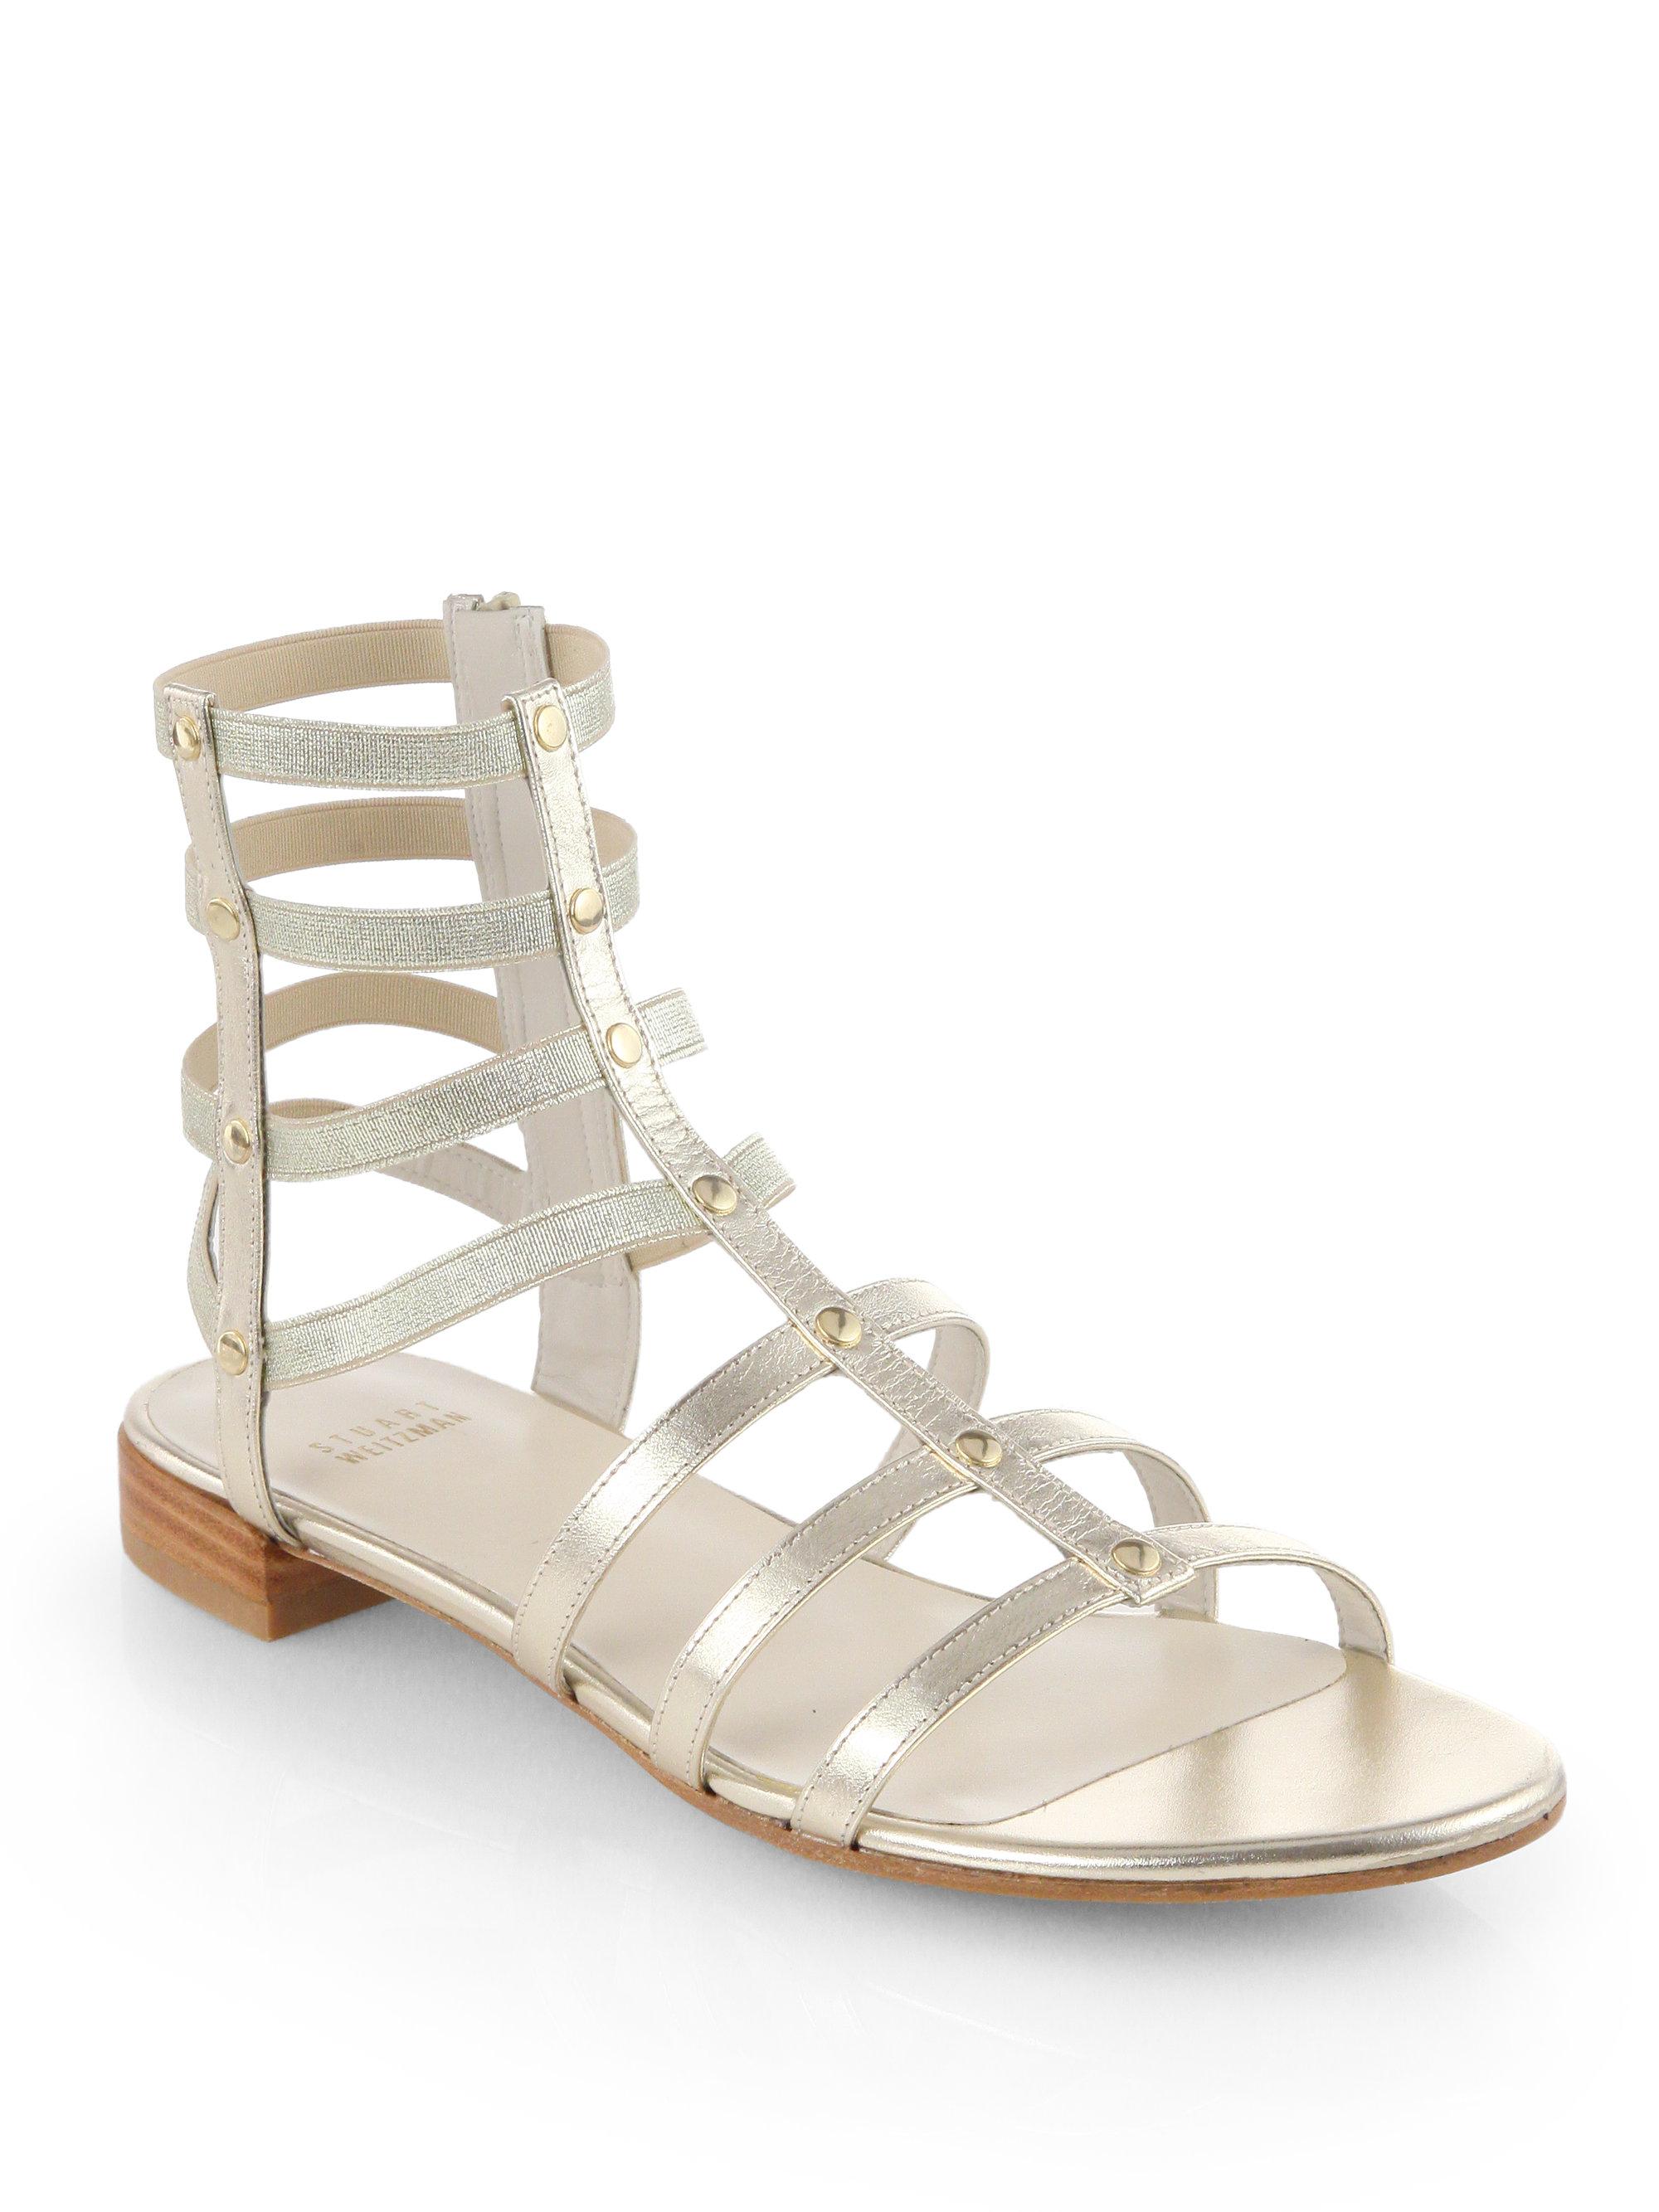 Birkenstock Men S Sandals Images On Feet